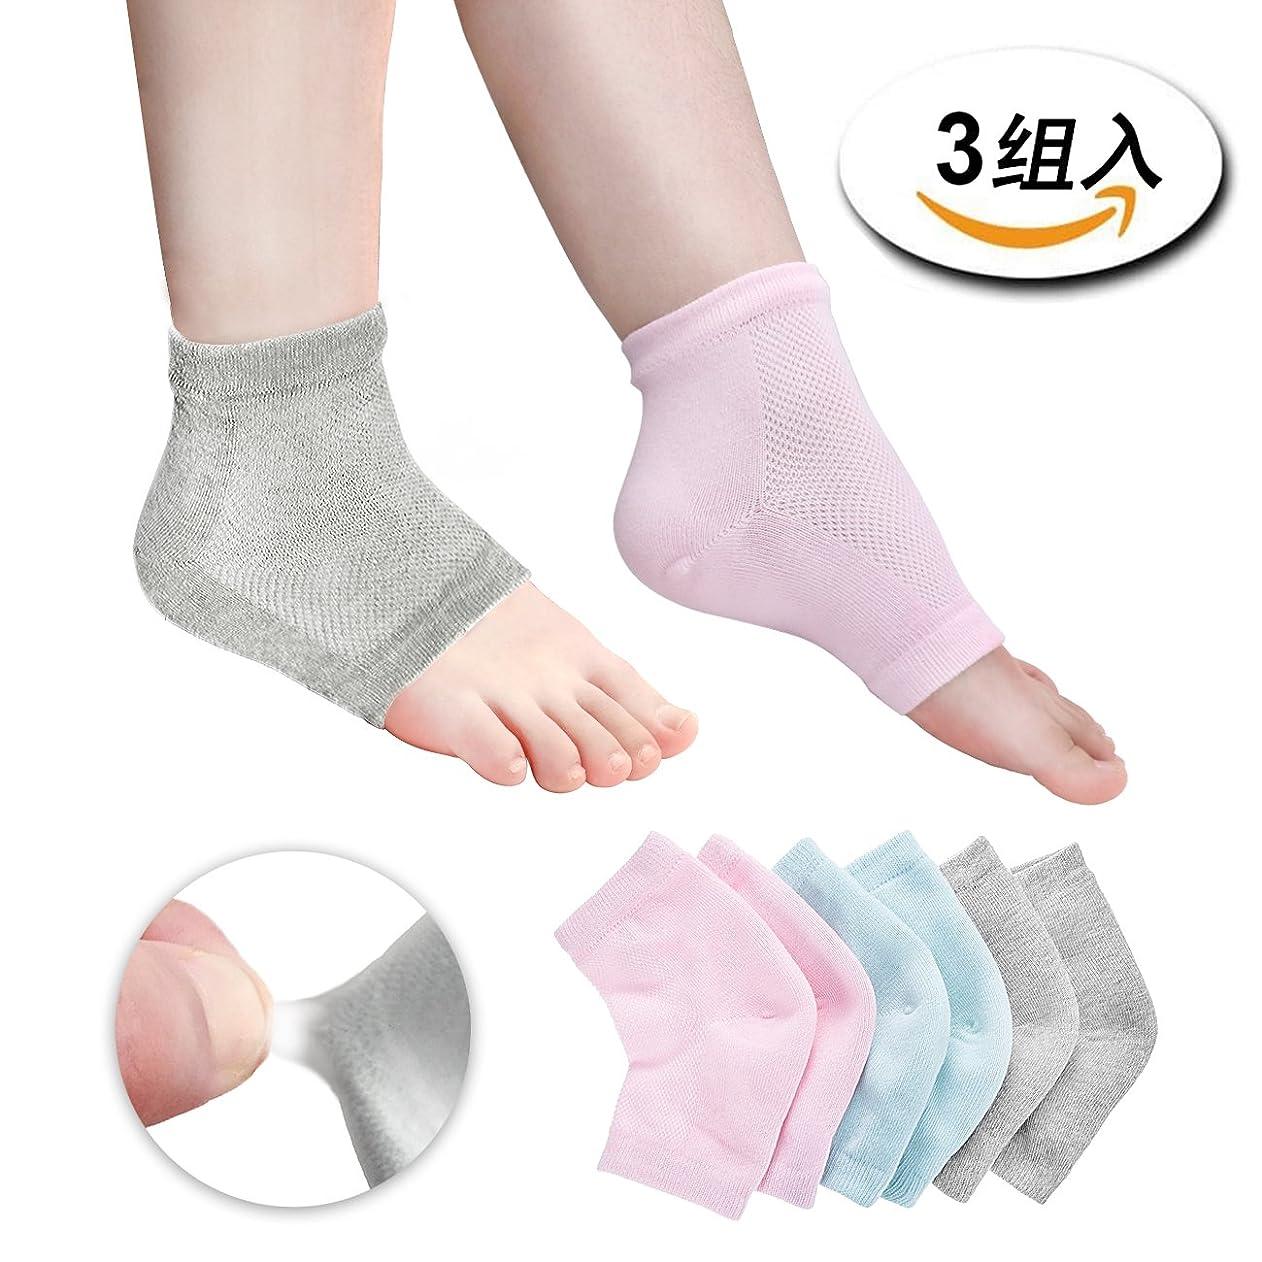 窒素馬鹿プライムDreecy かかと 靴下 かかと ケア つるつる 靴下 [3足入] ソックス レディース メンズ かかと ひび割れ 靴下 角質 ケア 保湿 角質除去 足ケア かかと ツルツル ソックス すべすべ 靴下